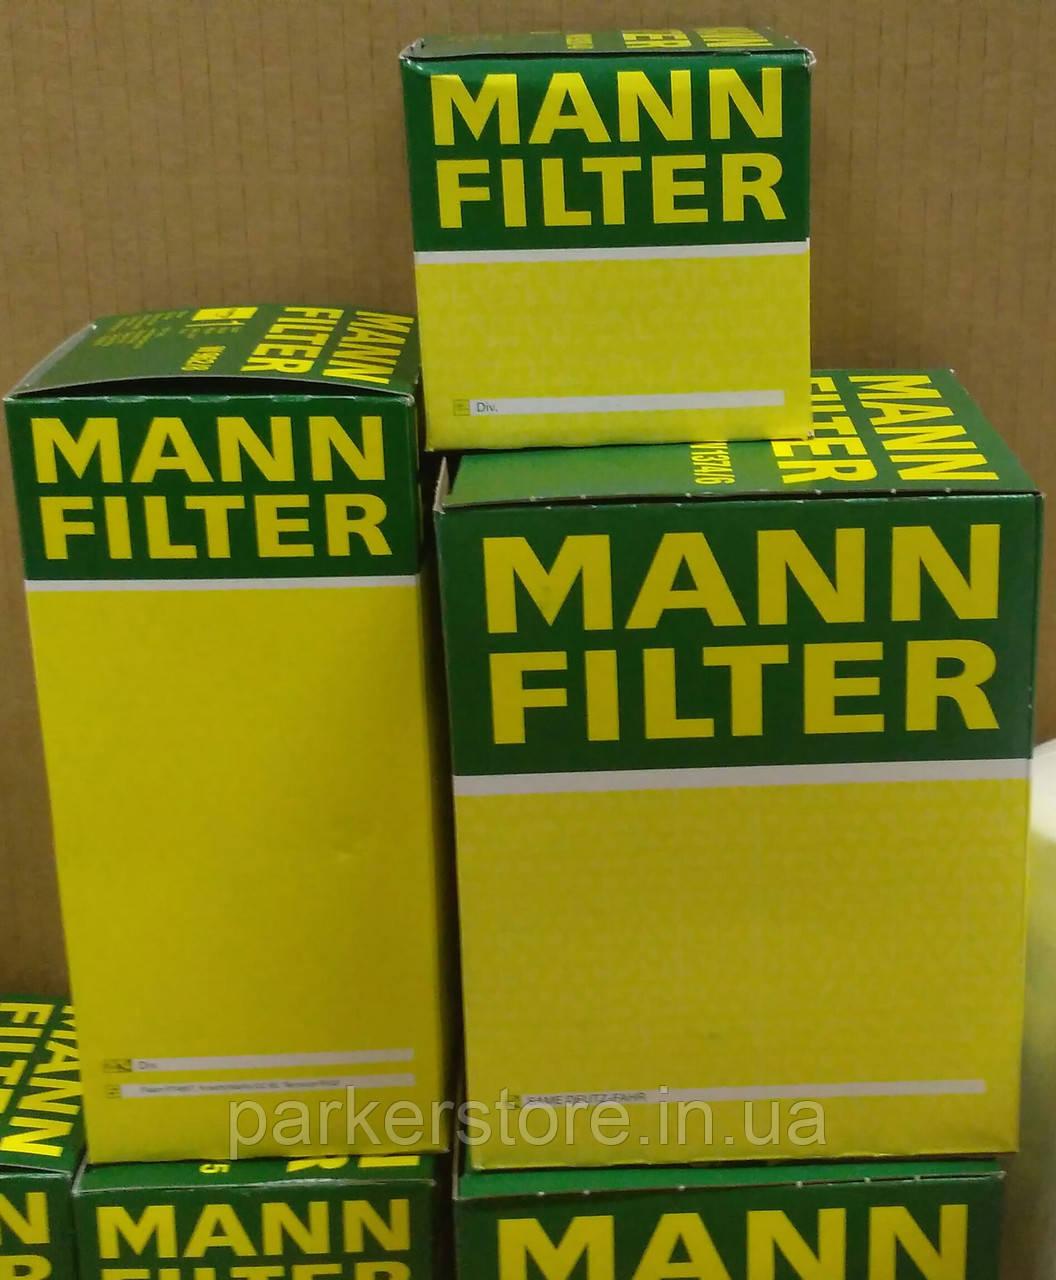 MANN FILTER / Воздушный фильтр / C 31 007 / C31007